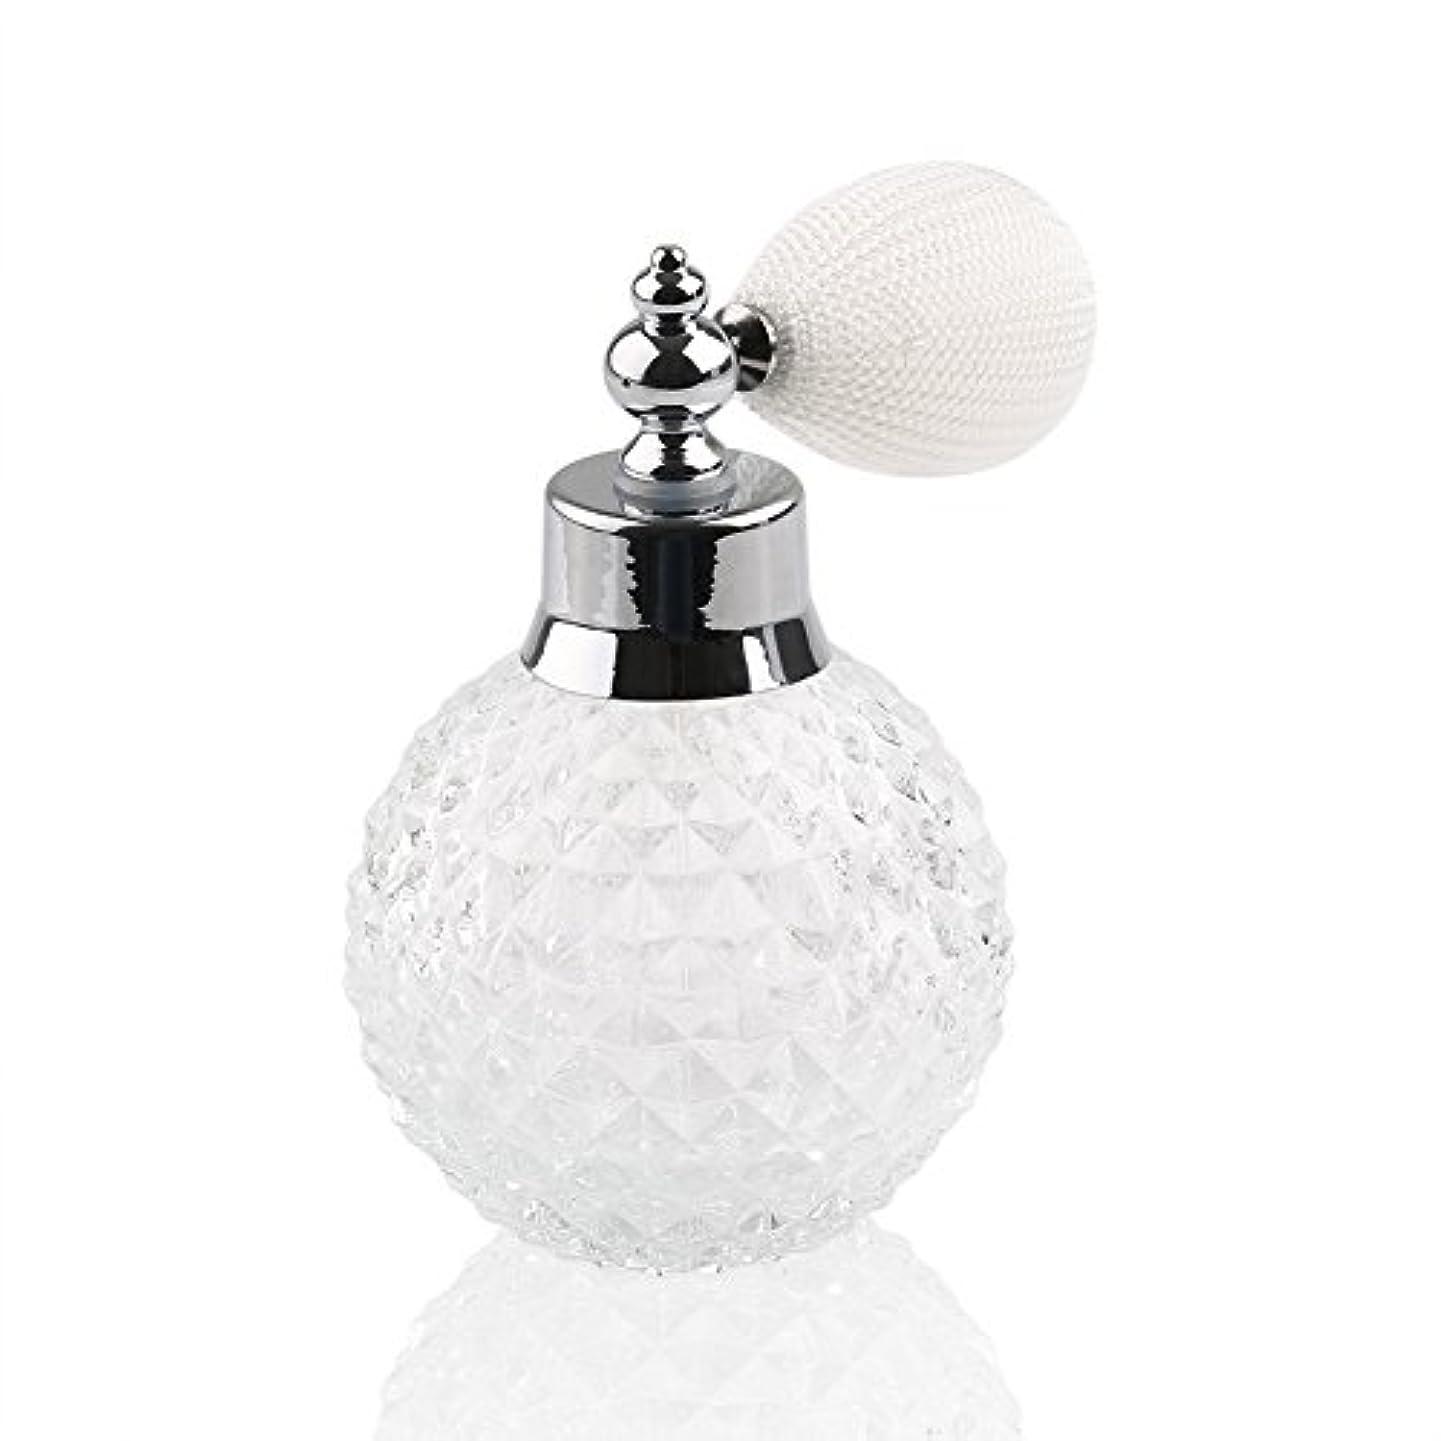 無法者リレー発揮する高品質24MMガラスボトル香水瓶 アトマイザー  クリアーパイナップル デザイン シルバースプレー 100ML ホーム飾り 装飾雑貨 ガラス製